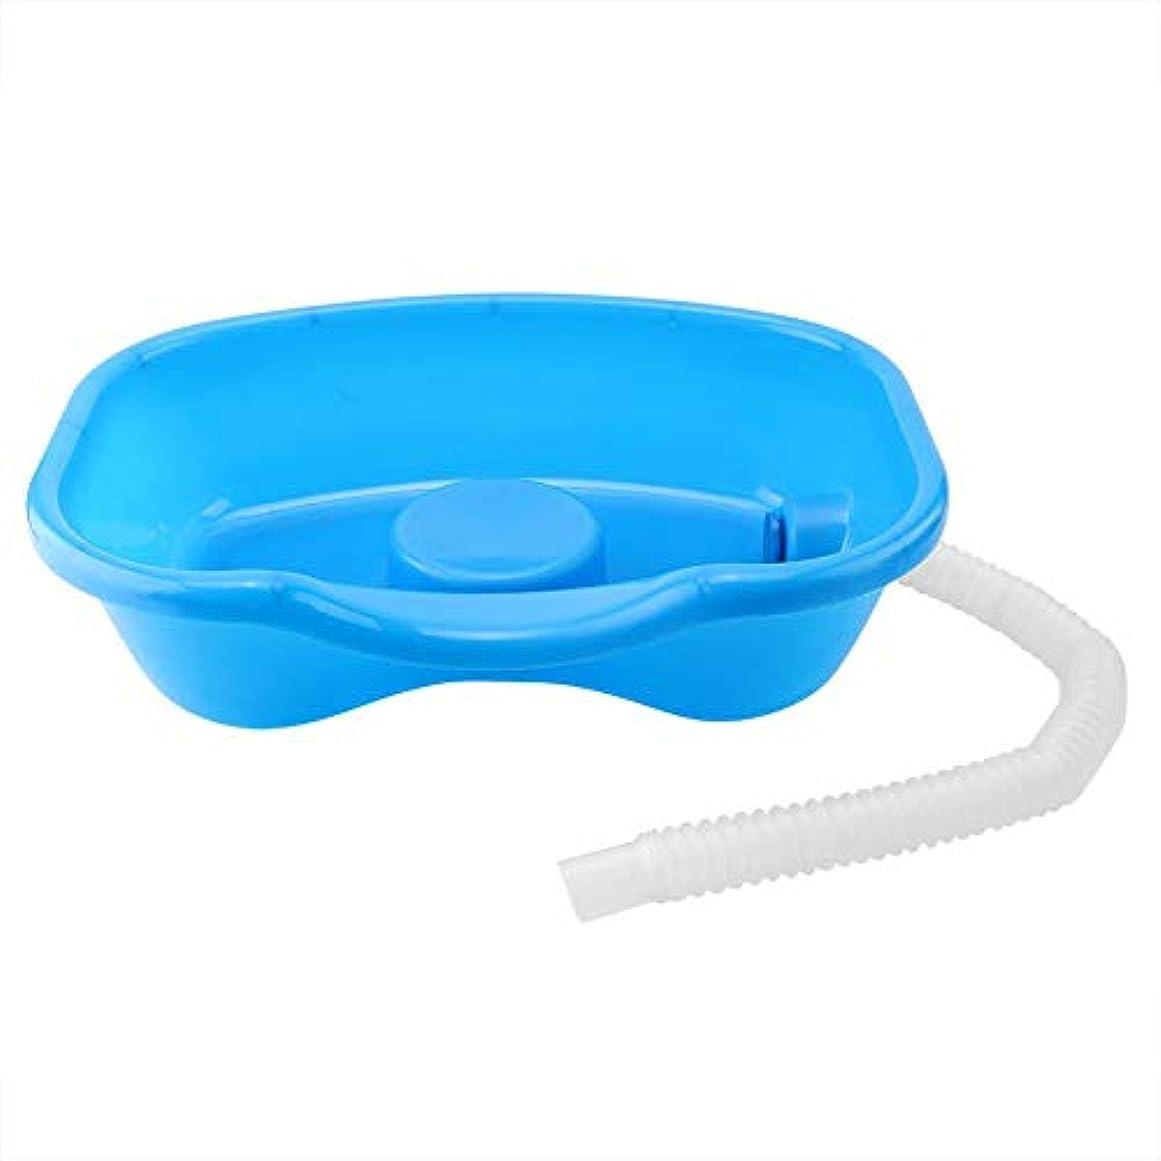 ヒープ動揺させるブラジャーシャンプー洗面器、医療障害者用シャンプー洗面器厚いベッド洗髪皿プラスチックシャンプー洗面器